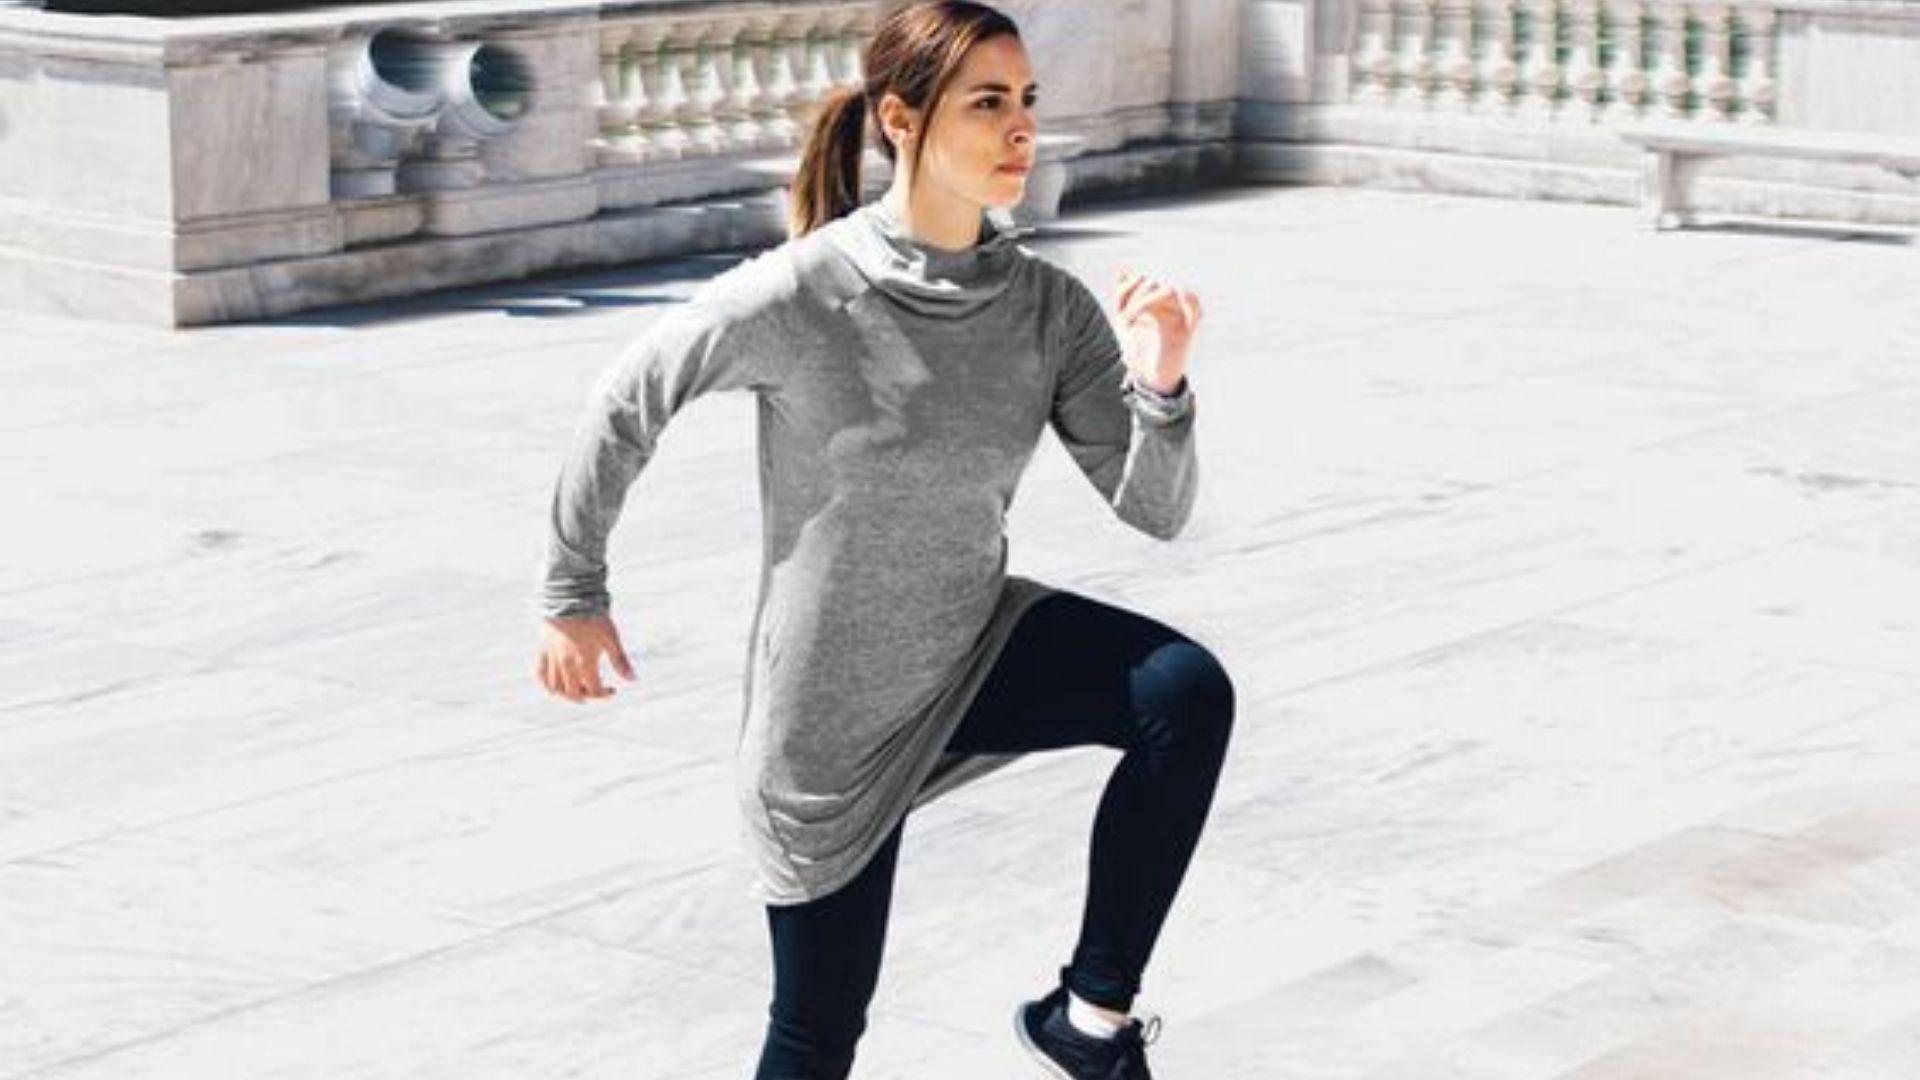 modest sportswear ideas